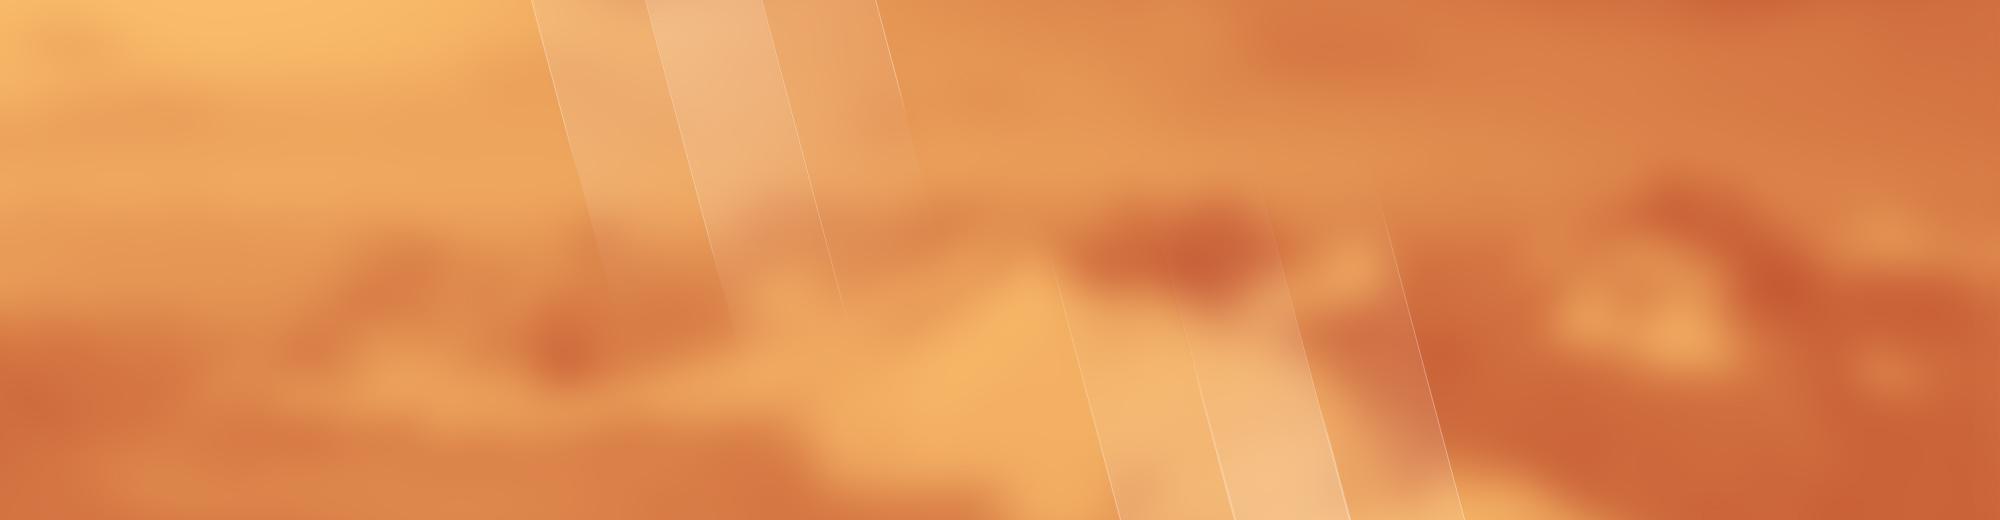 df-4ls-background